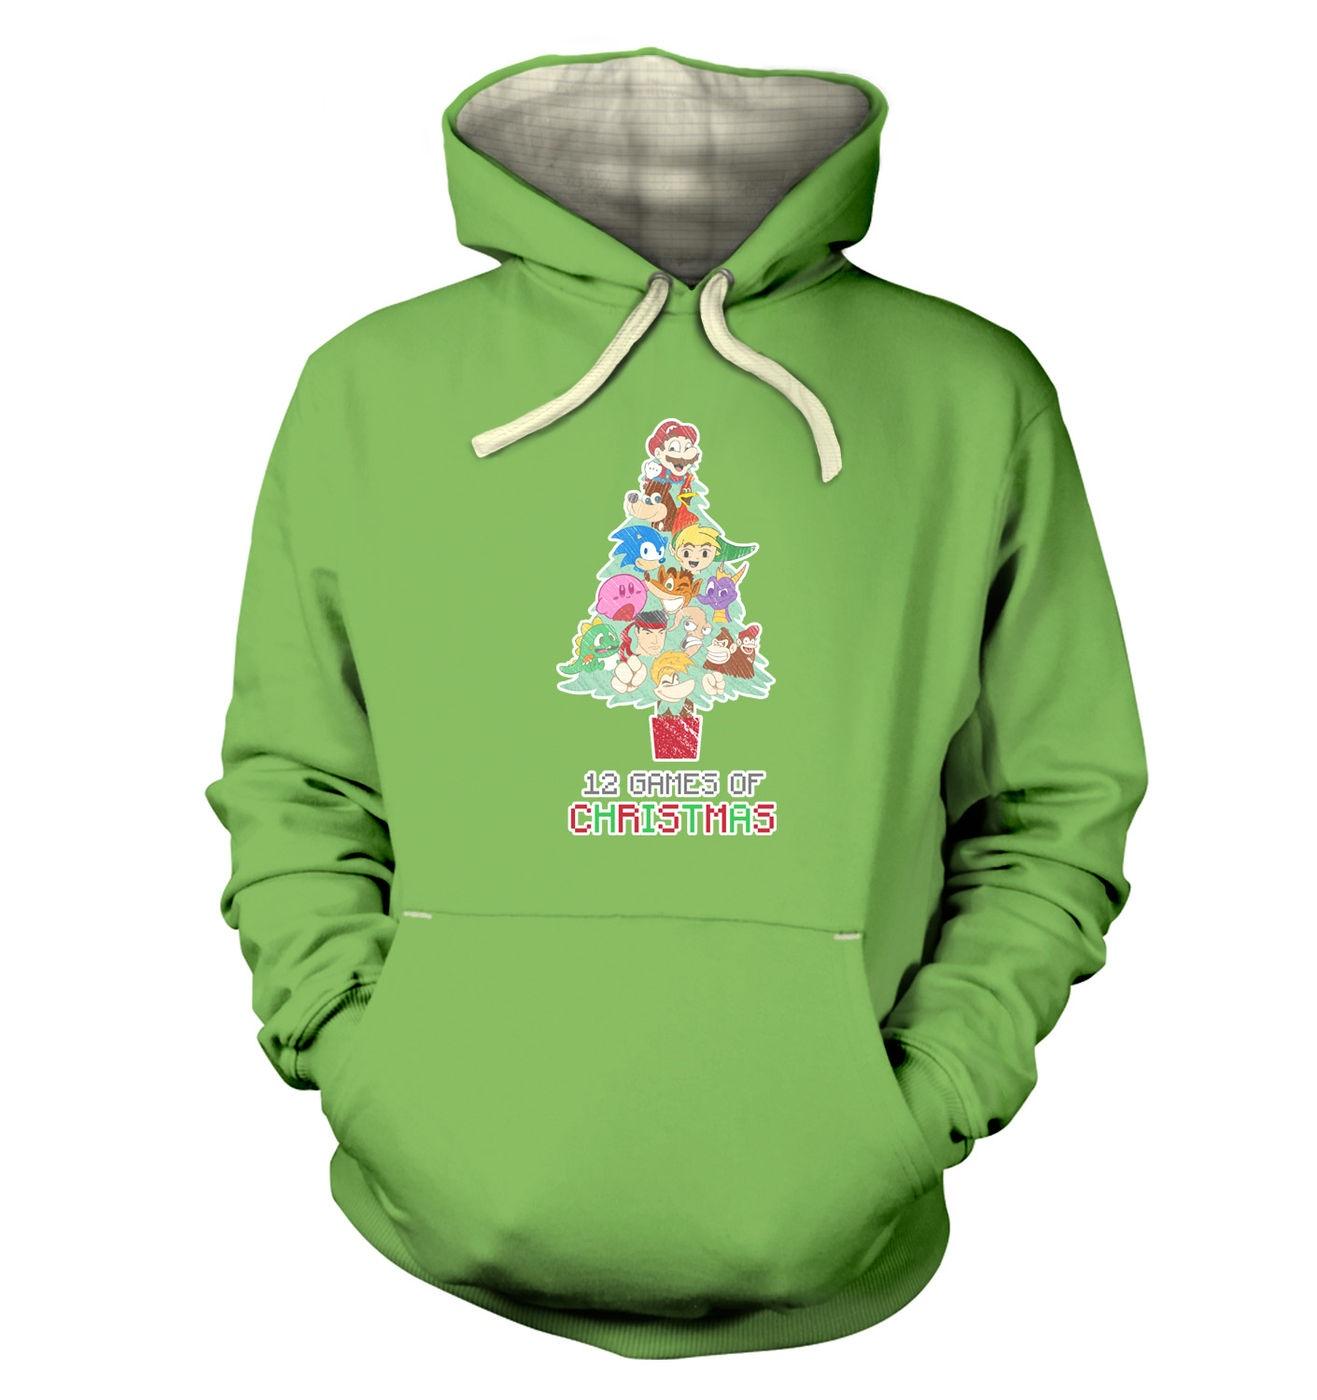 12 Games Of Christmas premium hoodie by Something Geeky